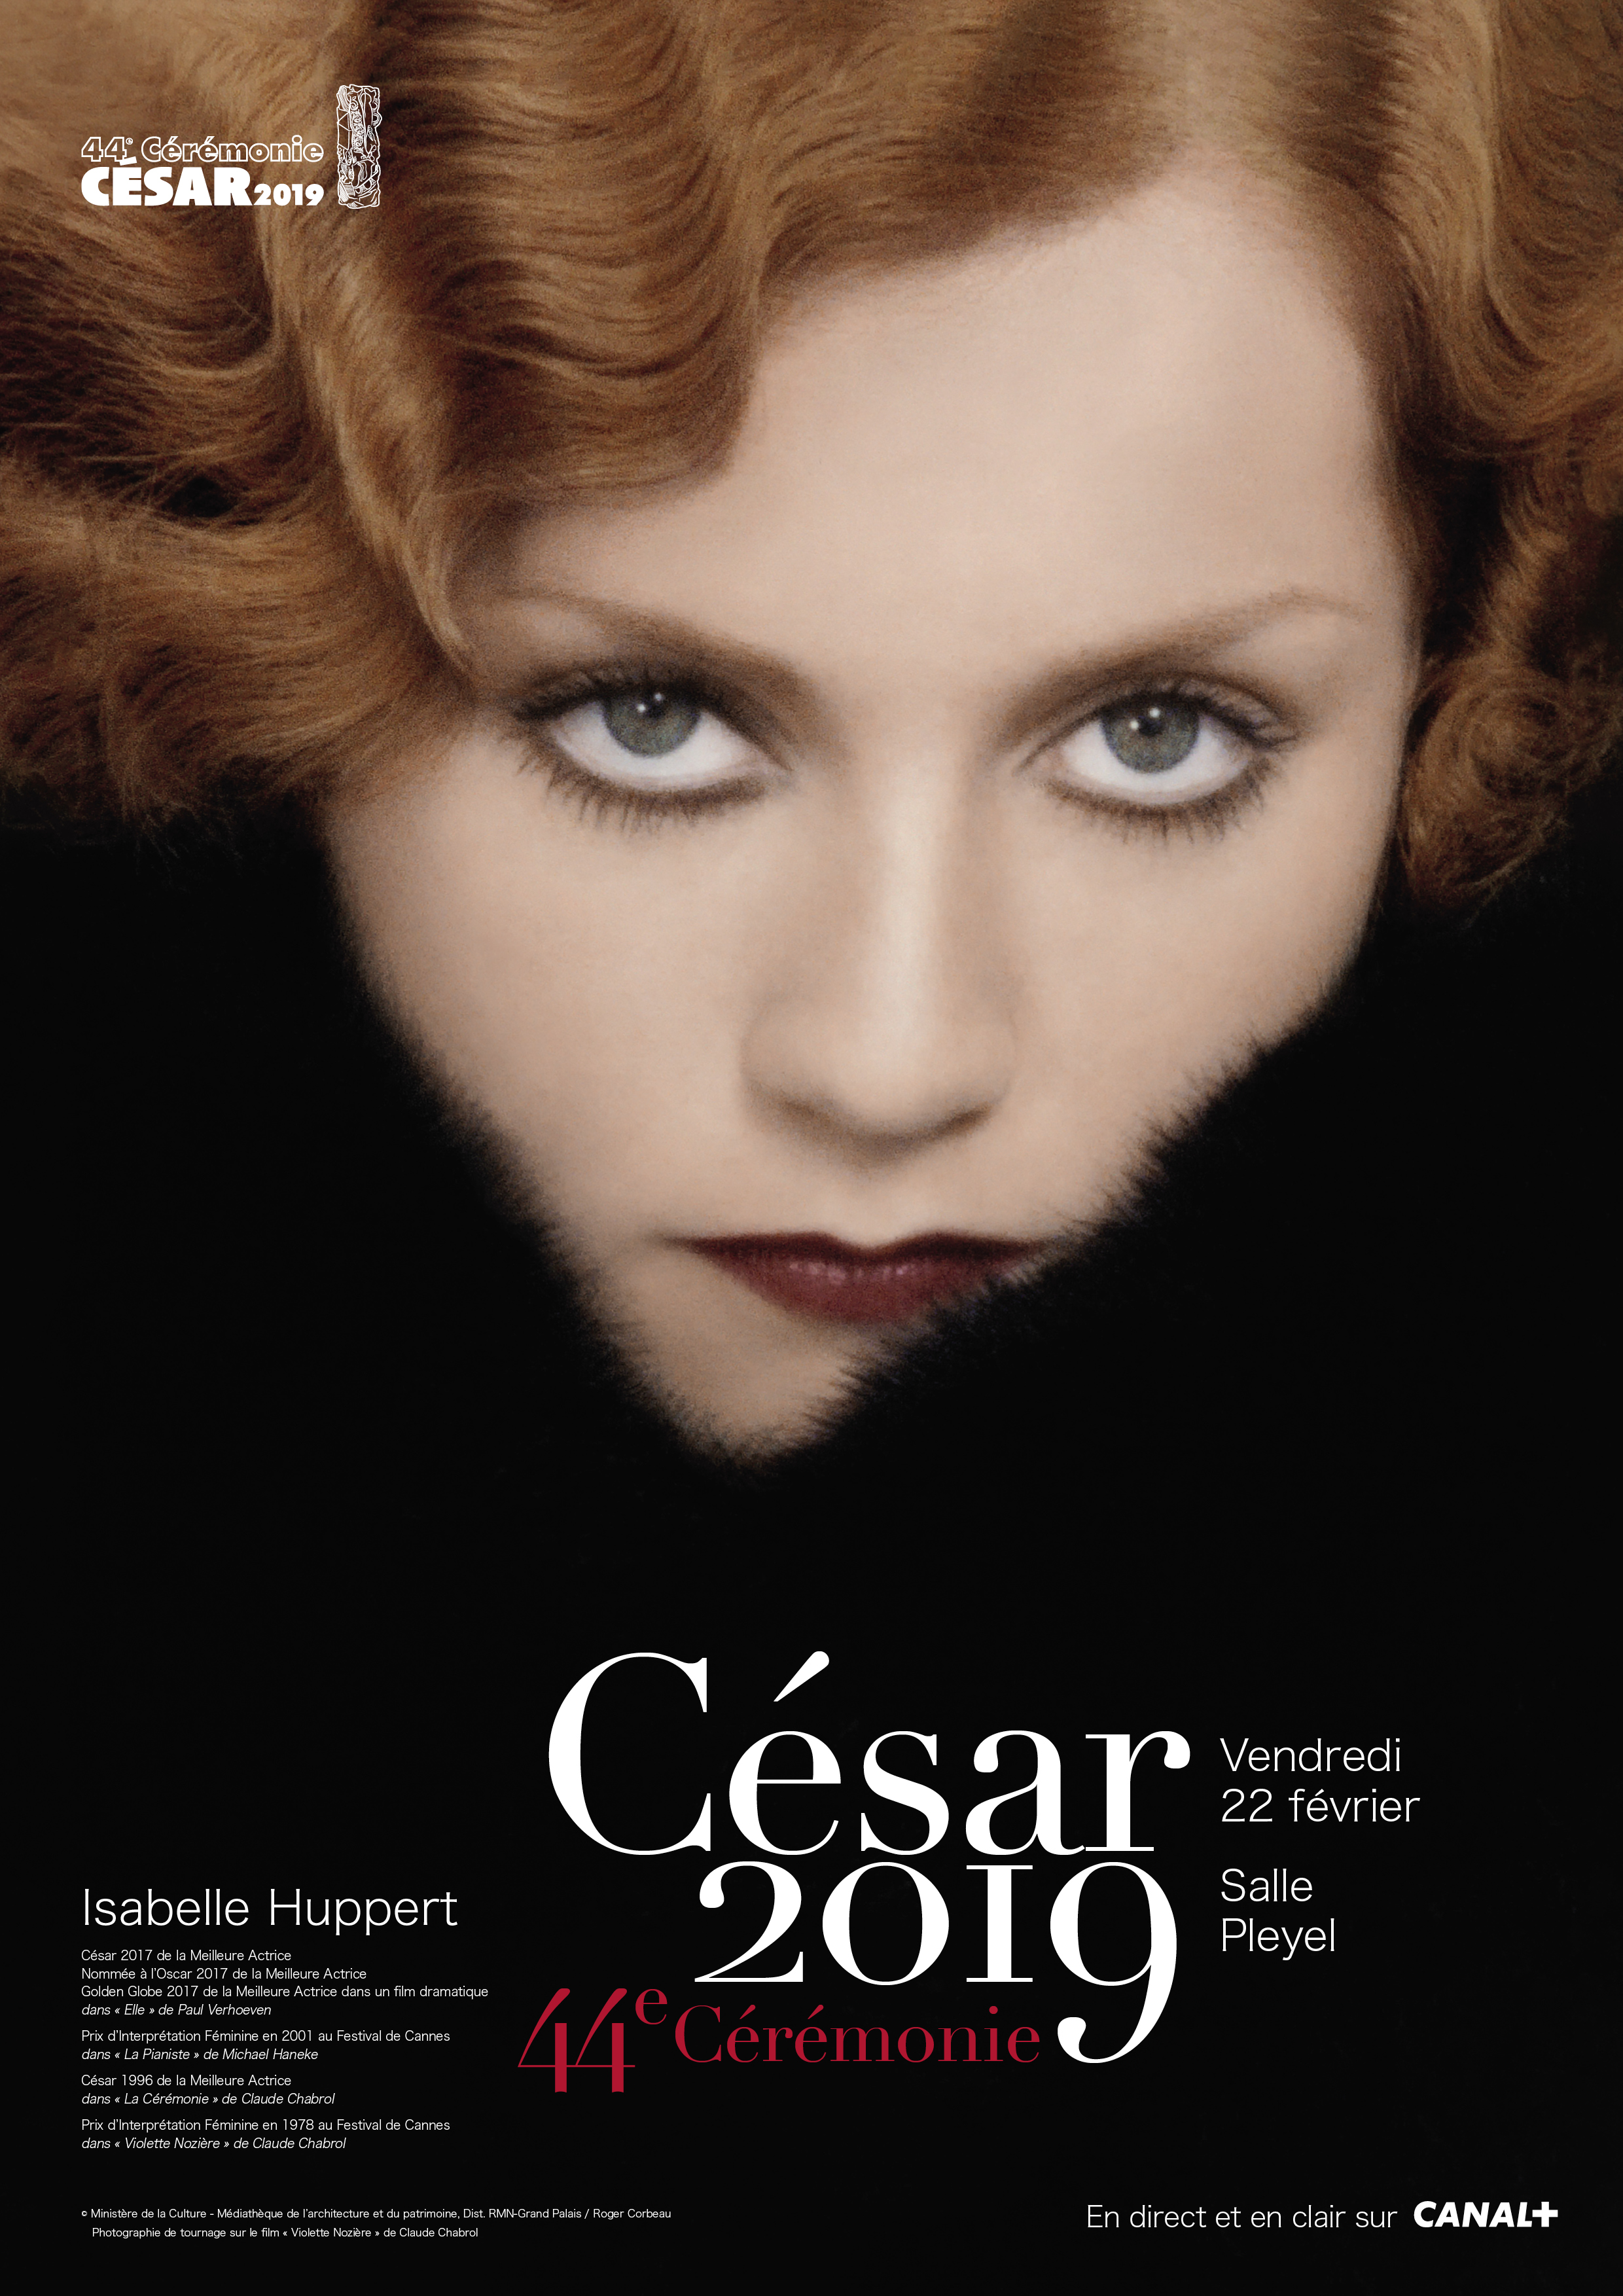 César 2019, Affiche officielle (via Académie des arts et techniques du cinéma)